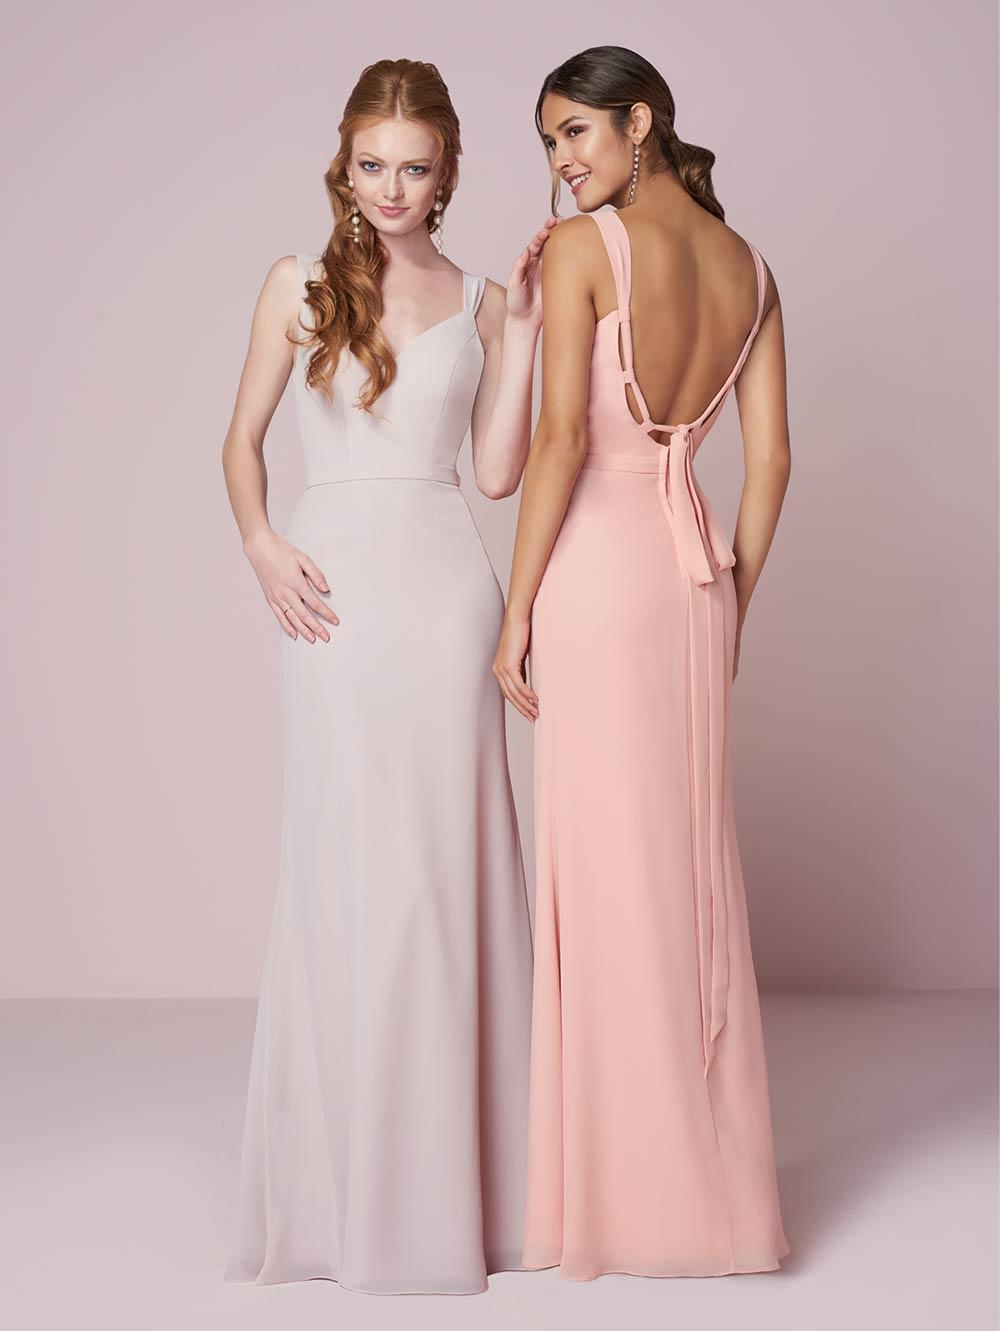 bridesmaid-dresses-jacquelin-bridals-canada-27778